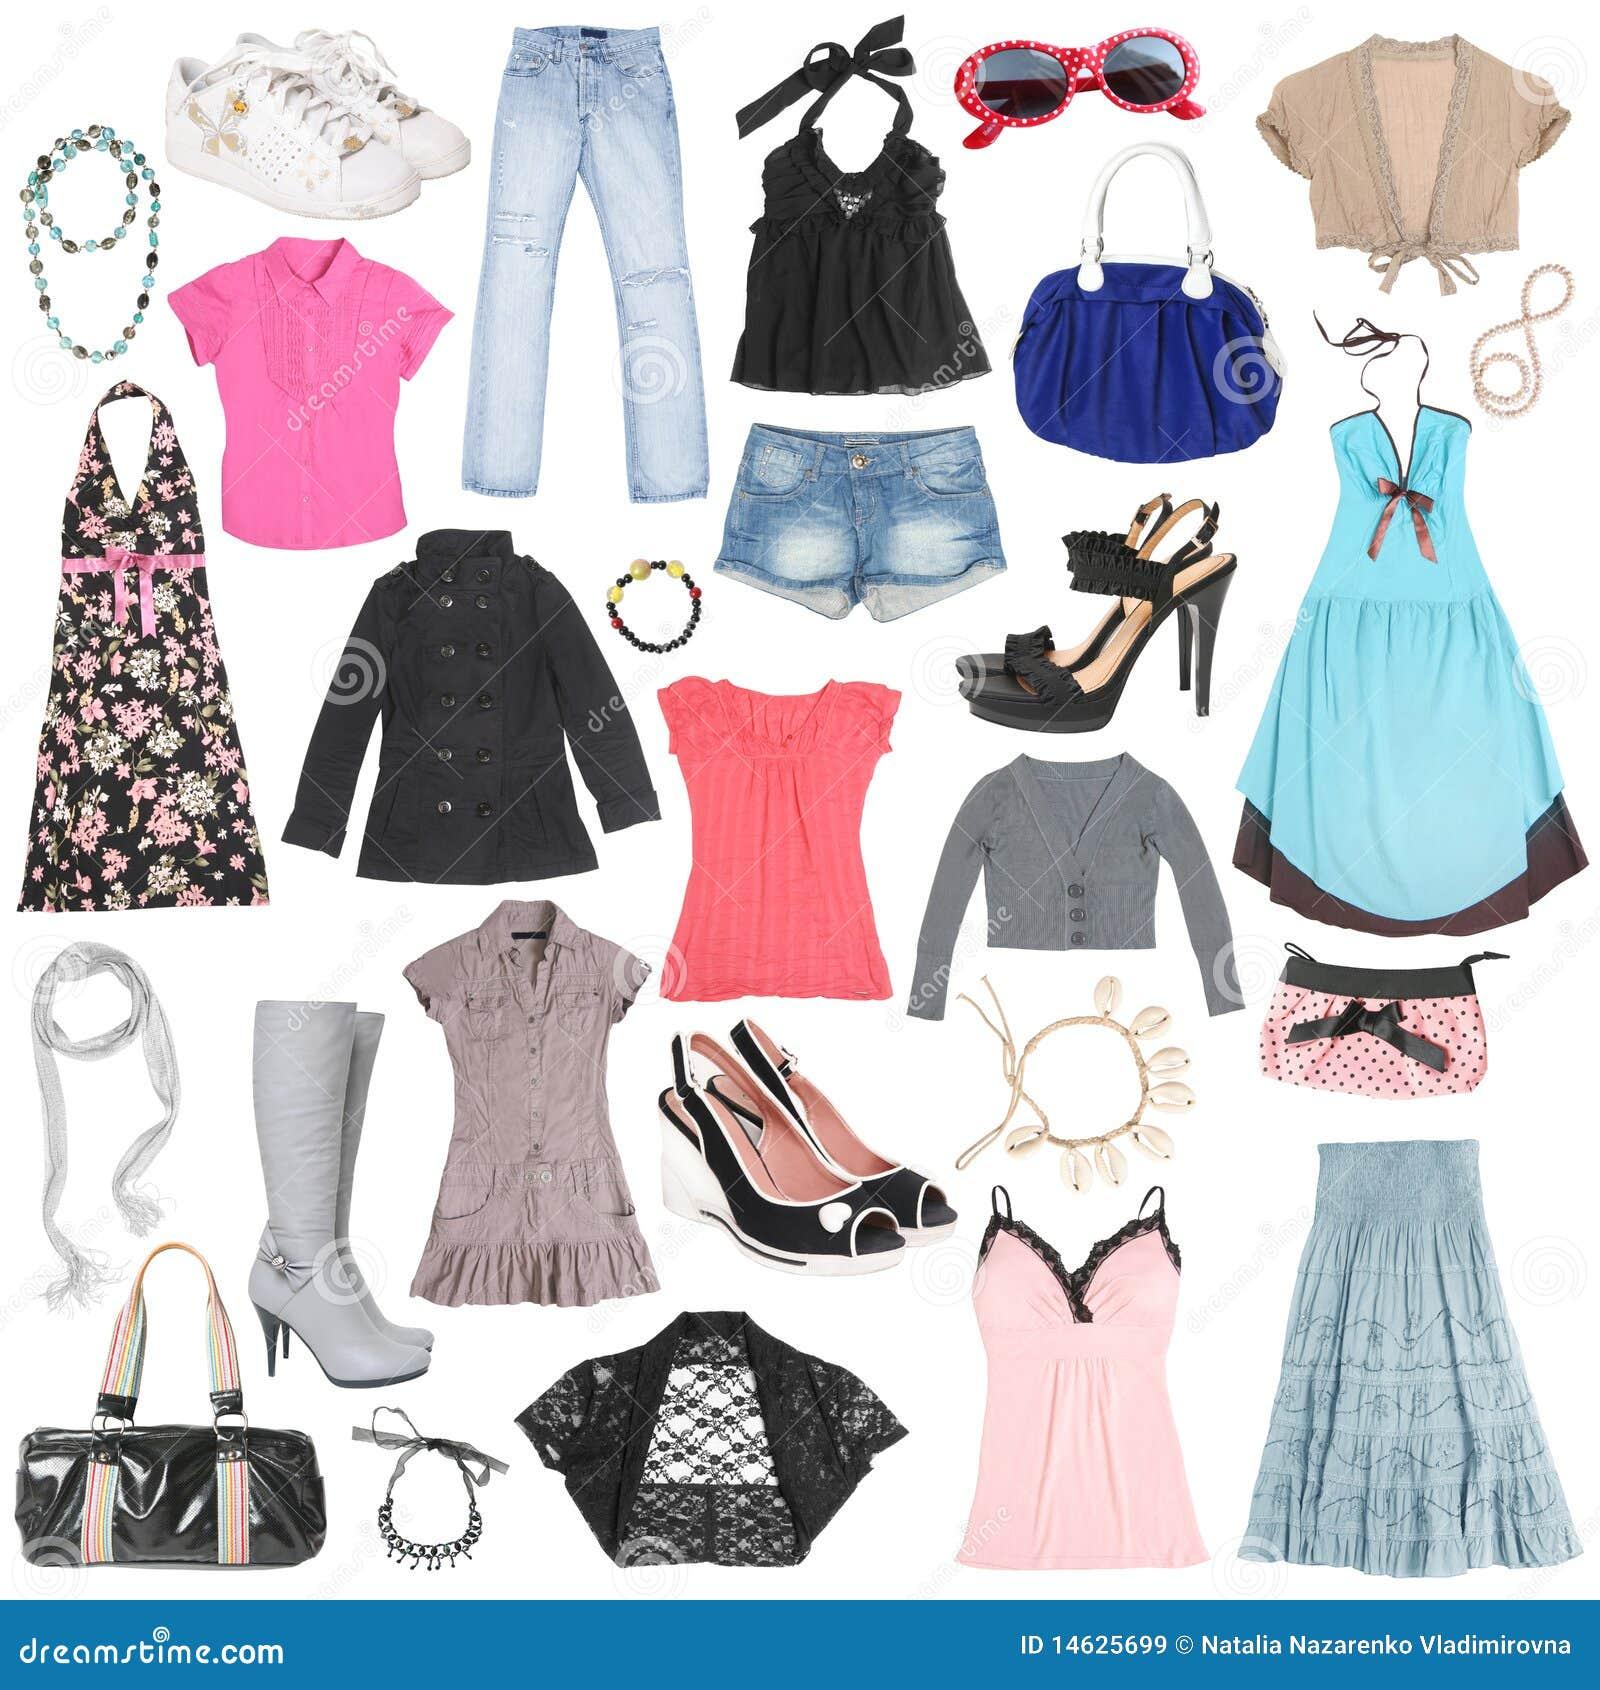 Todo tipo de accesorios para decorar la ropa y hacer manualidades, como pueden ser rosas, flores, broches, pistilos, flores artificiales, flores solapa, adornos.